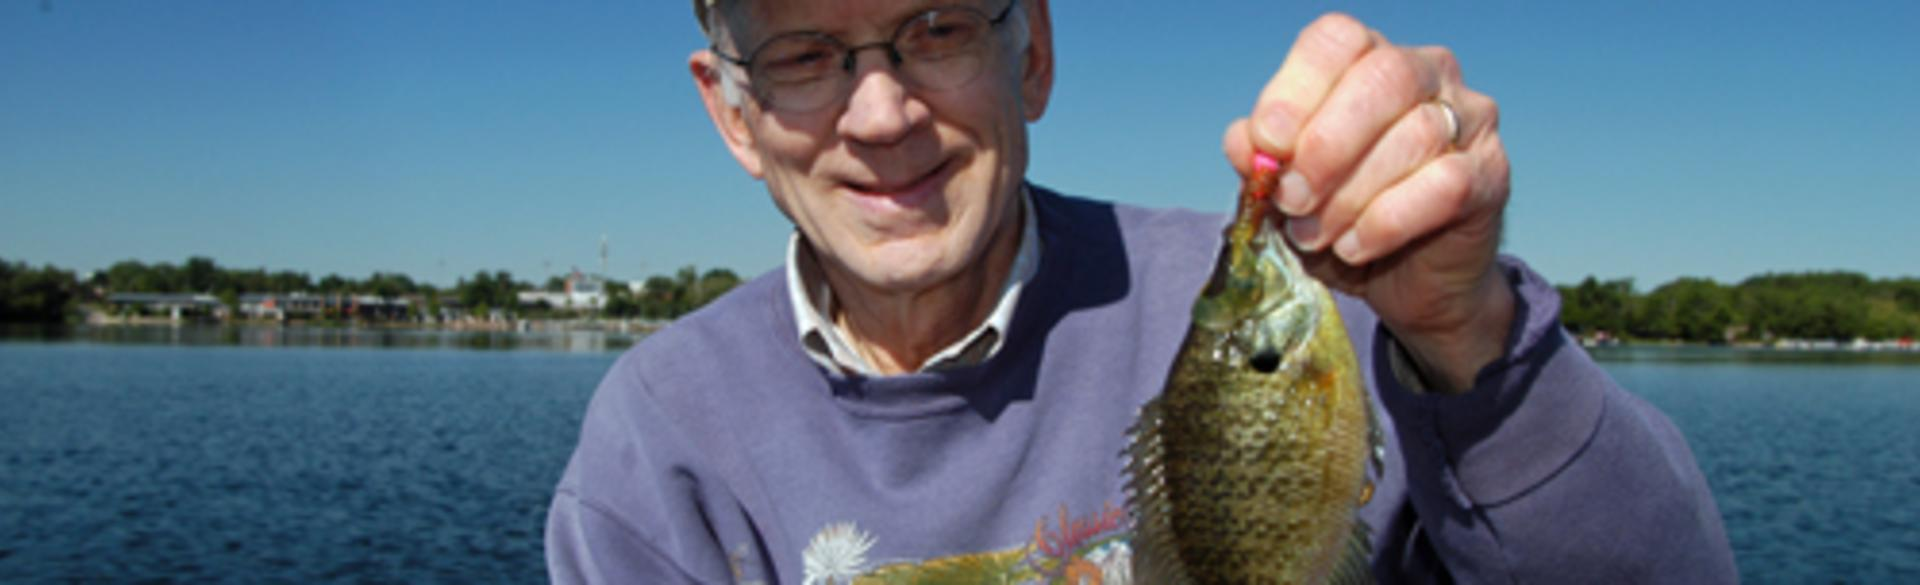 Fishing Bluegill